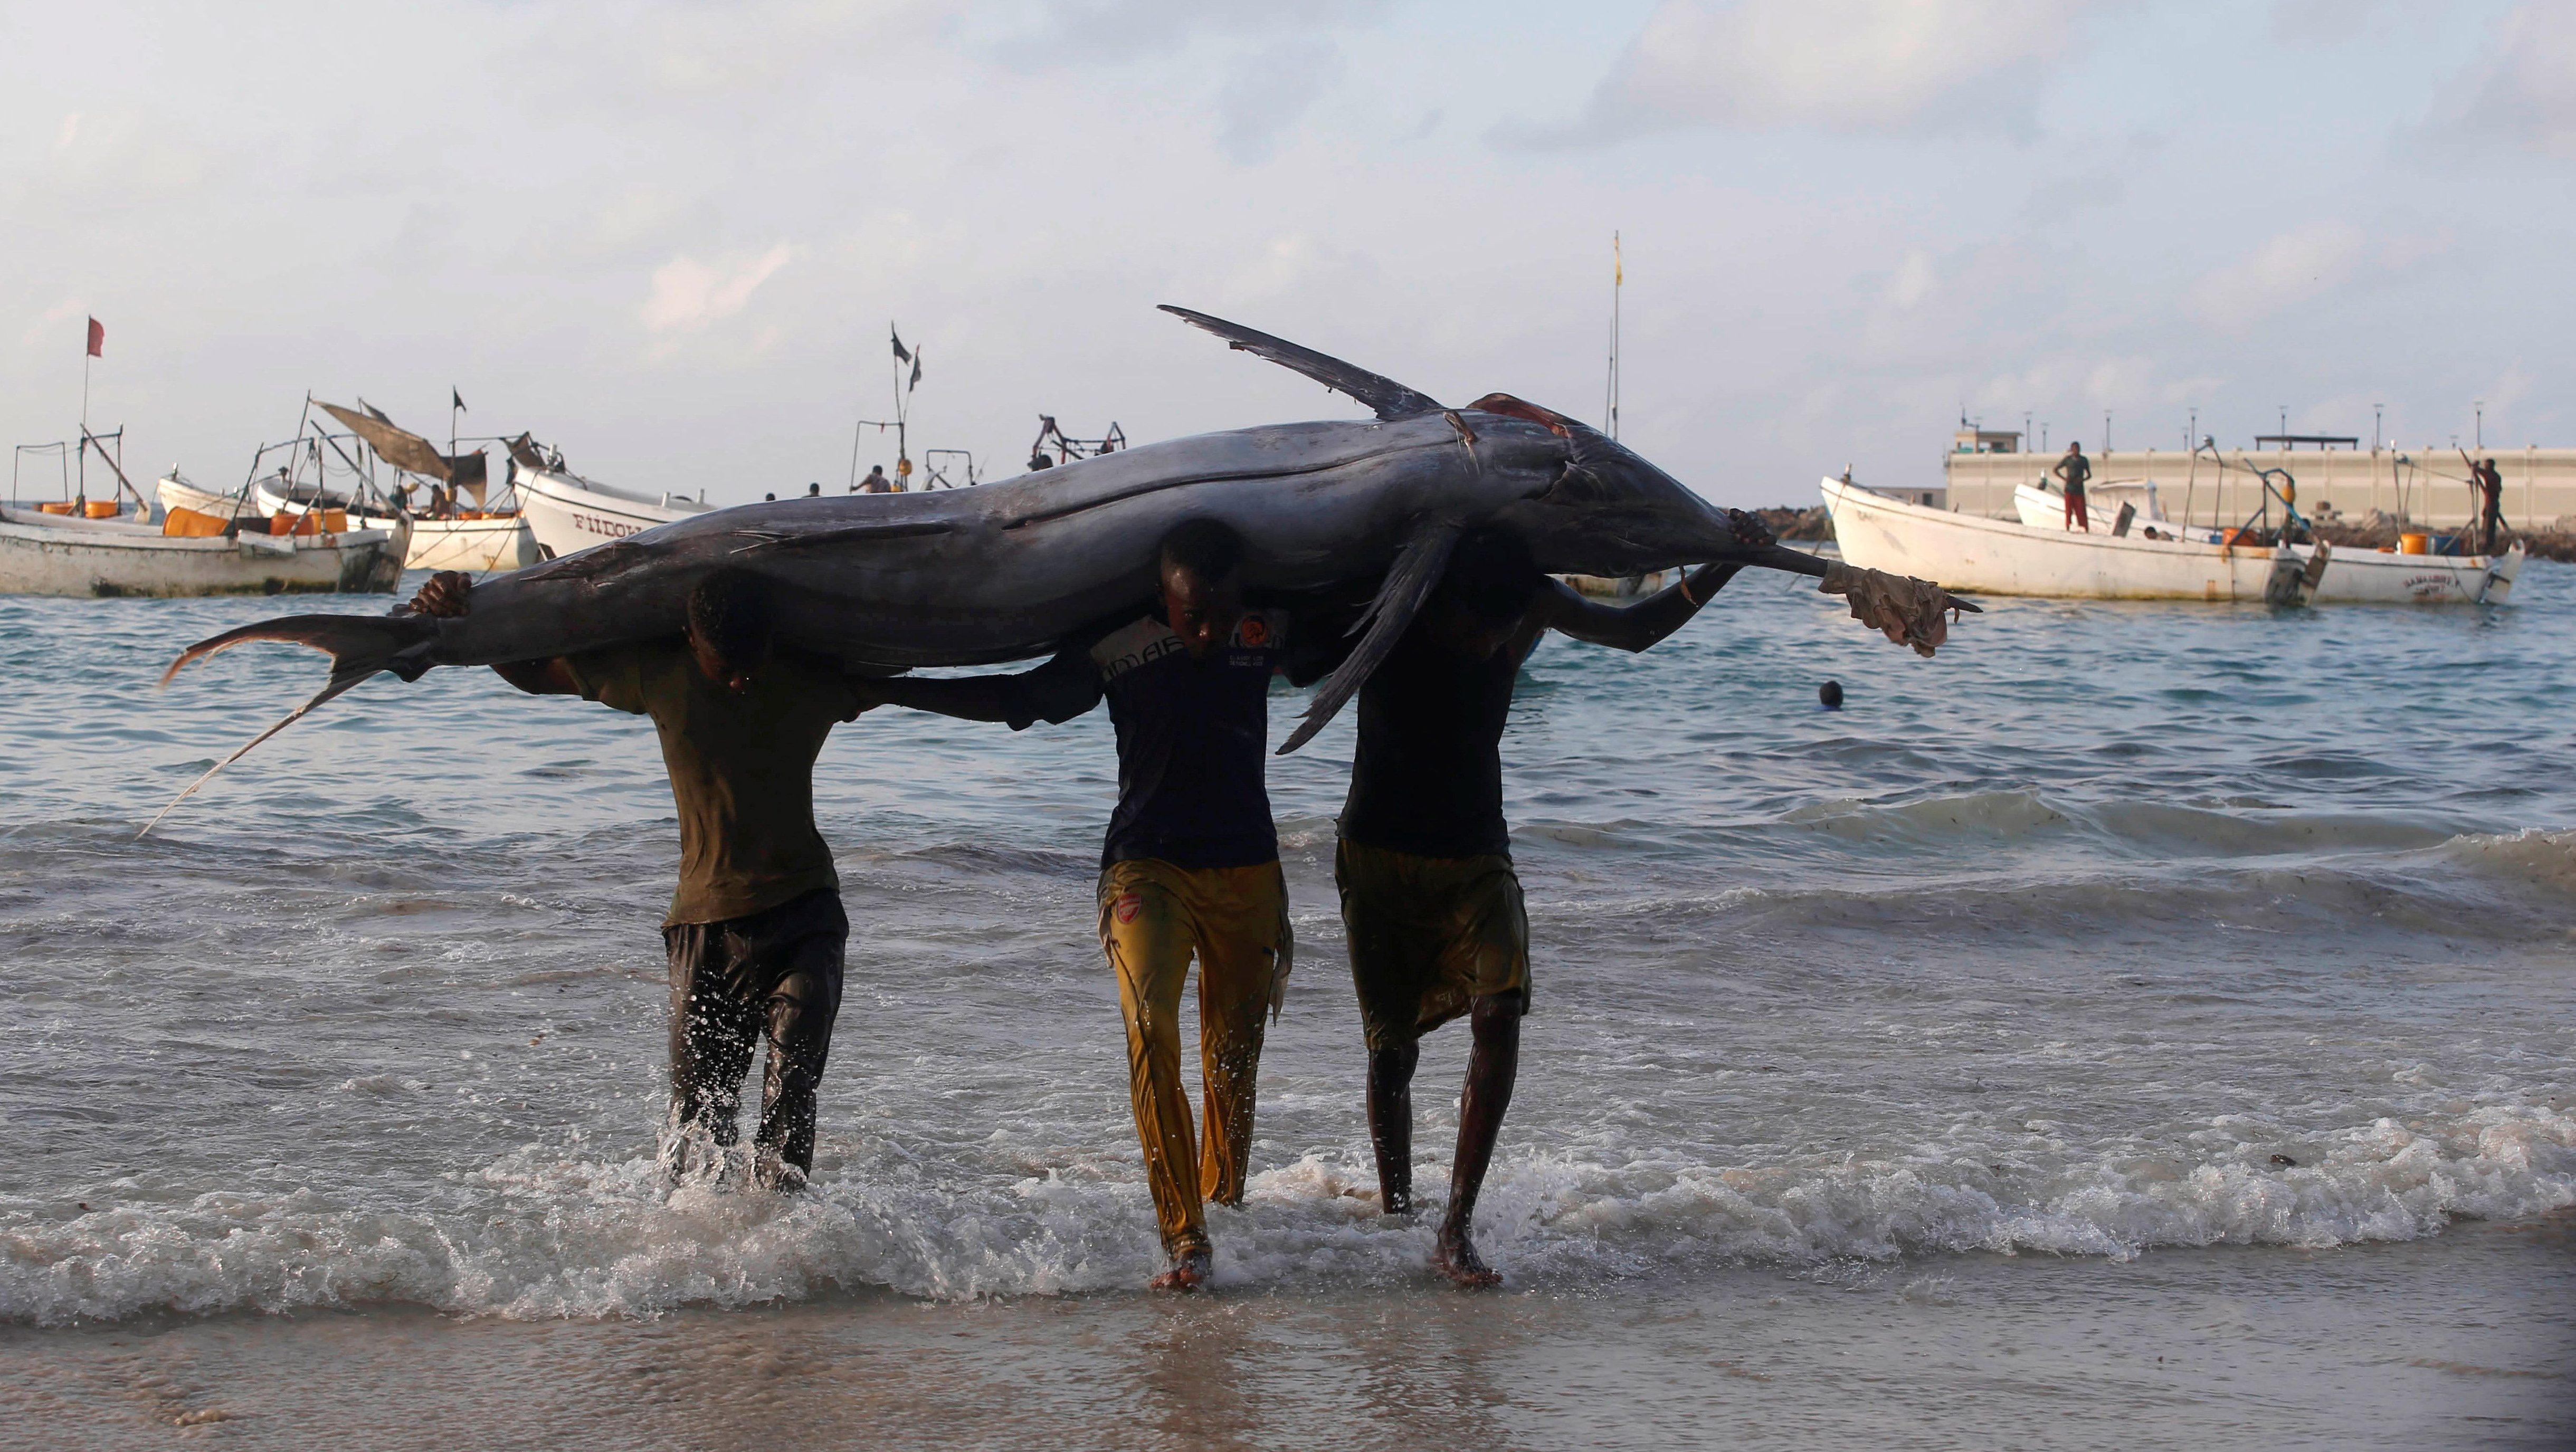 Somalia gives fishing license to 31 China vessels — Quartz